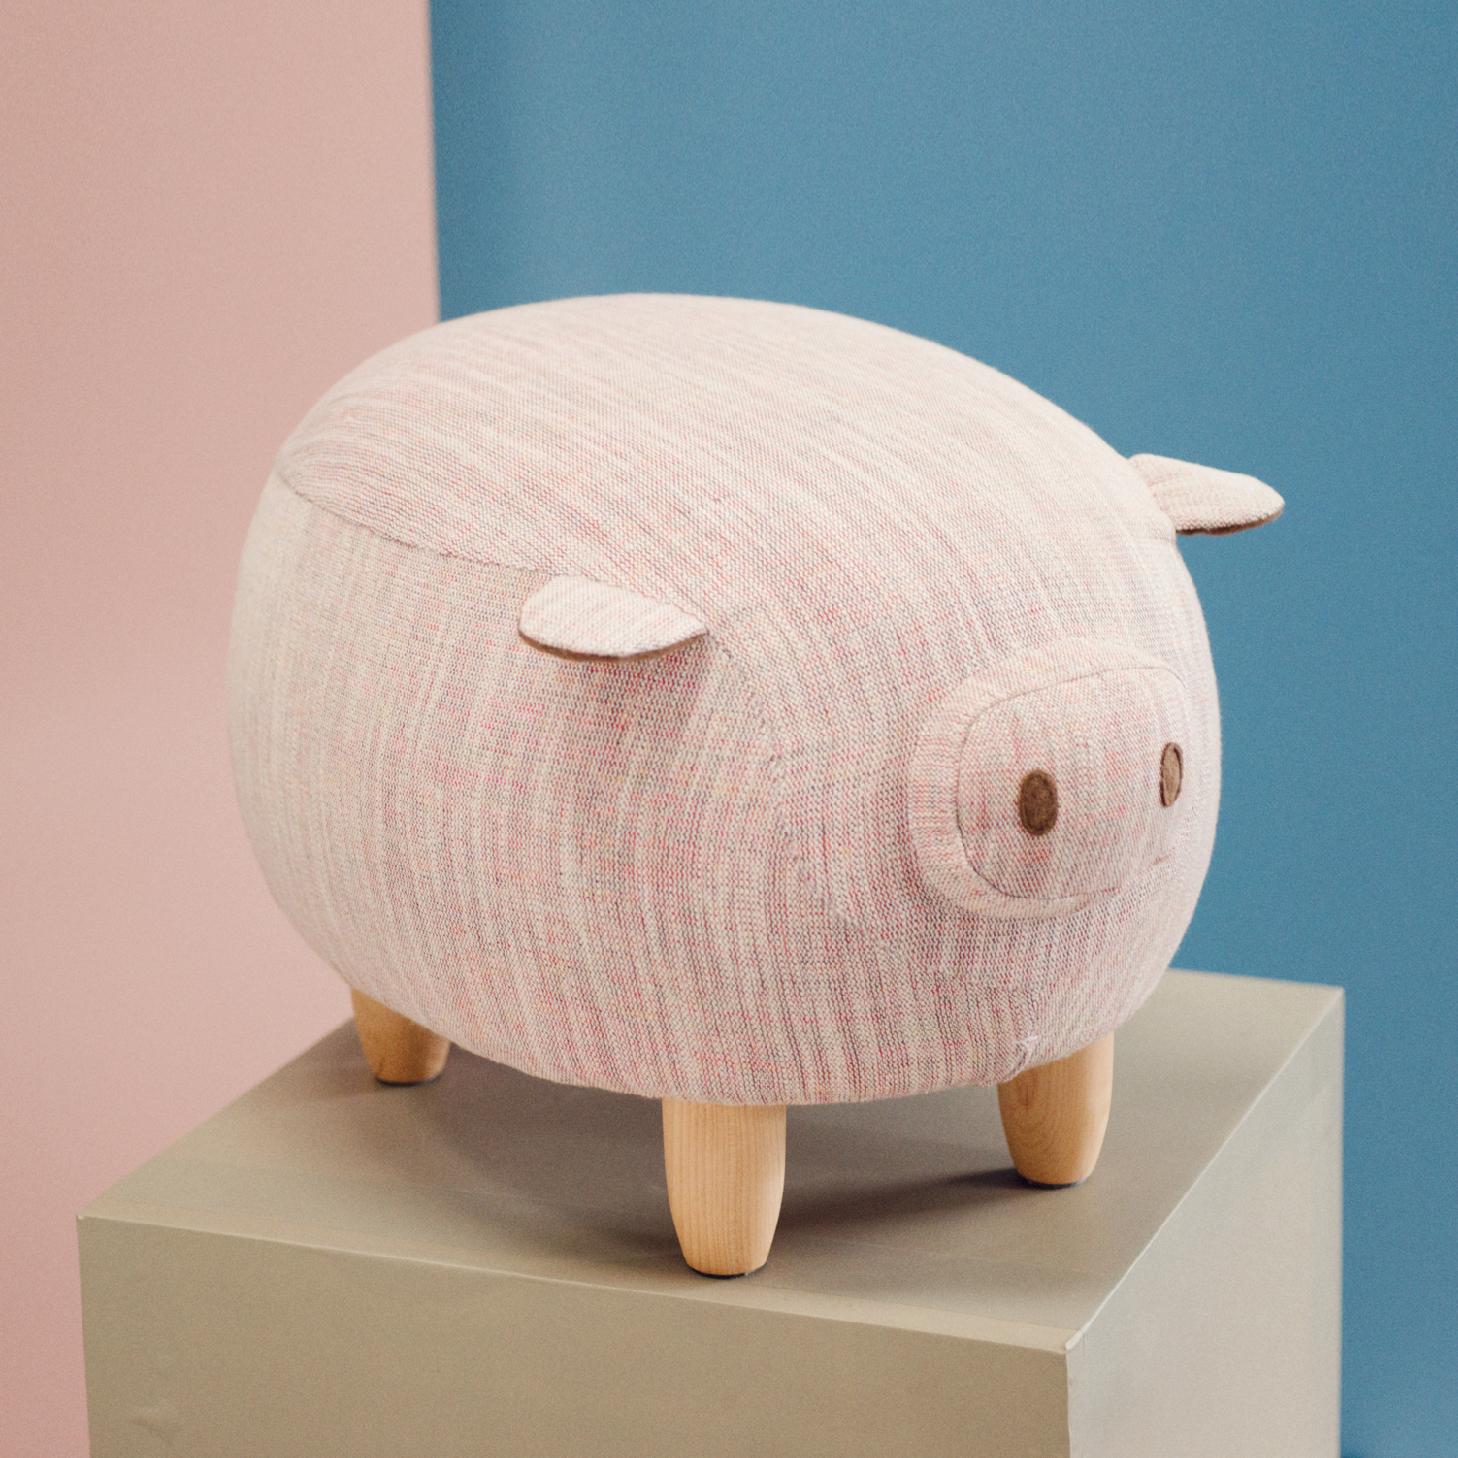 【有所的设计】嘟嘟坐墩原创小家具沙发凳宝宝儿童猪动物换鞋脚凳